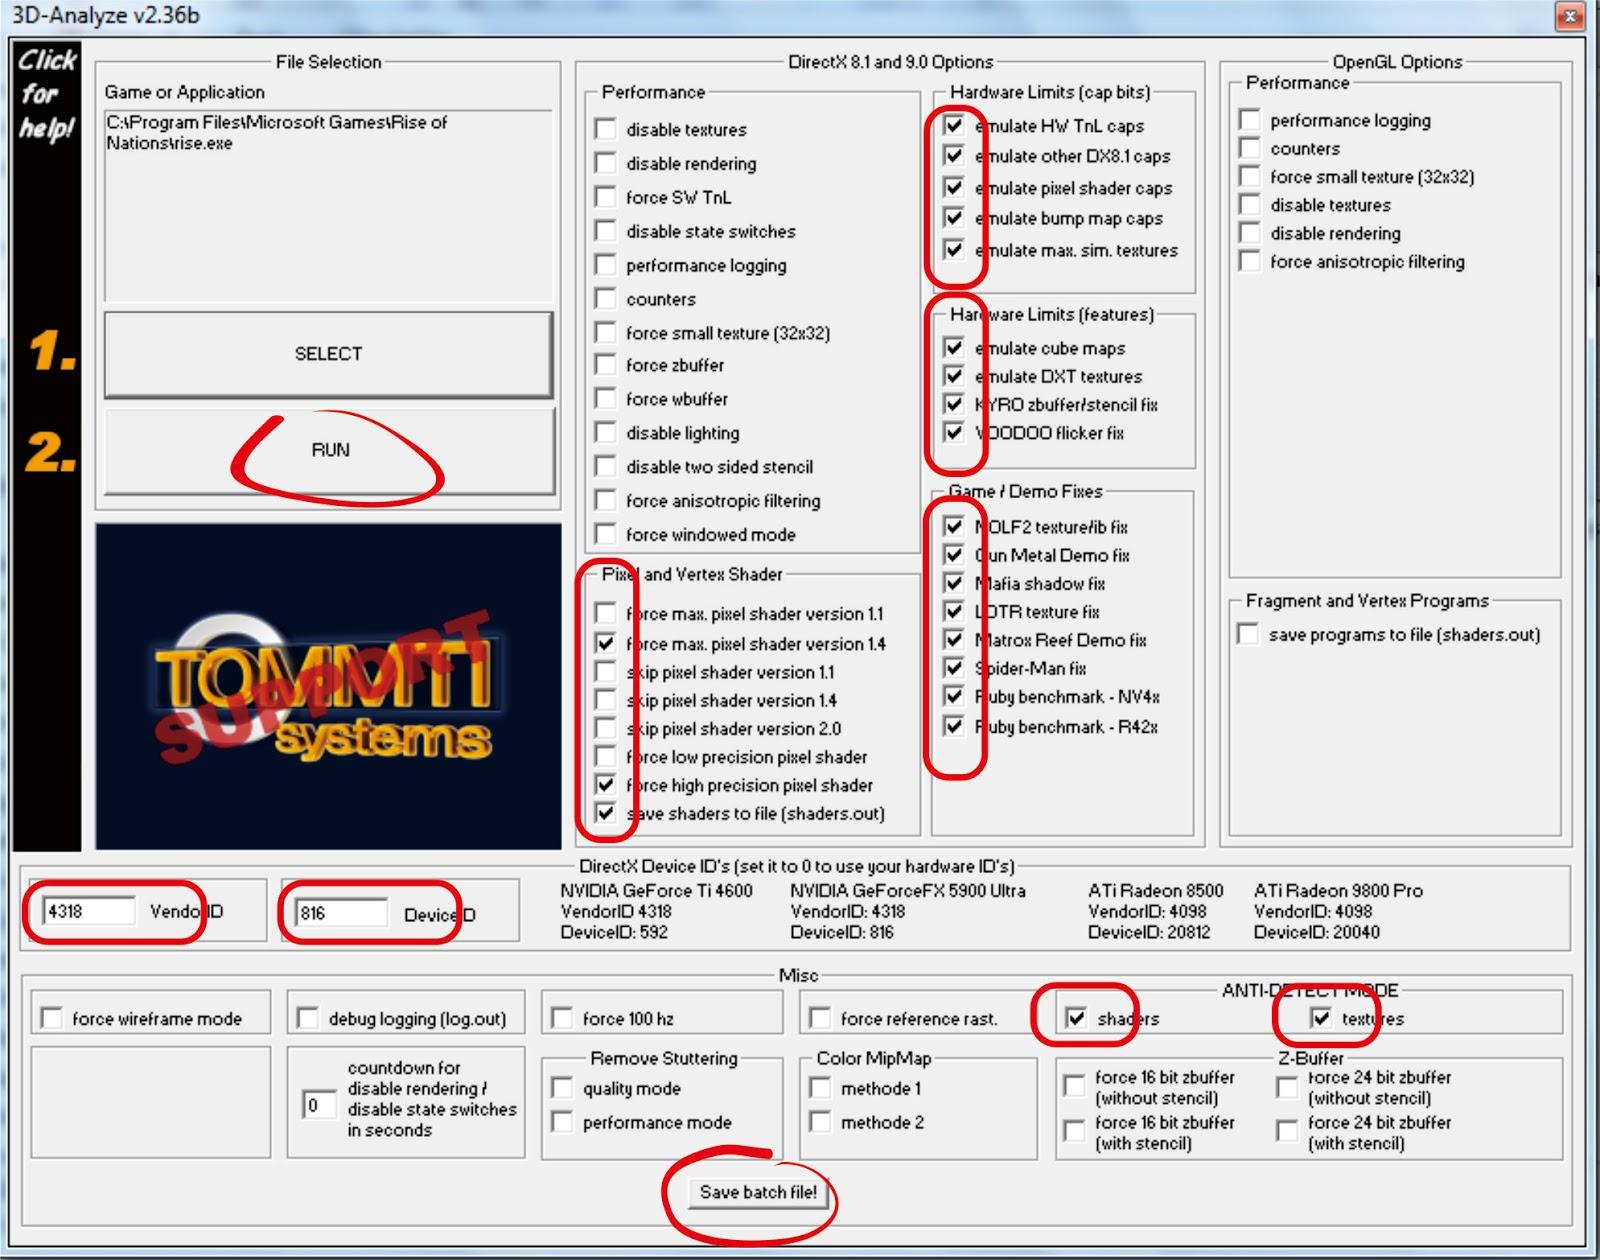 Untuk settingan 3D Analyze, bisa berbeda-beda sesuai dengan game yang ...